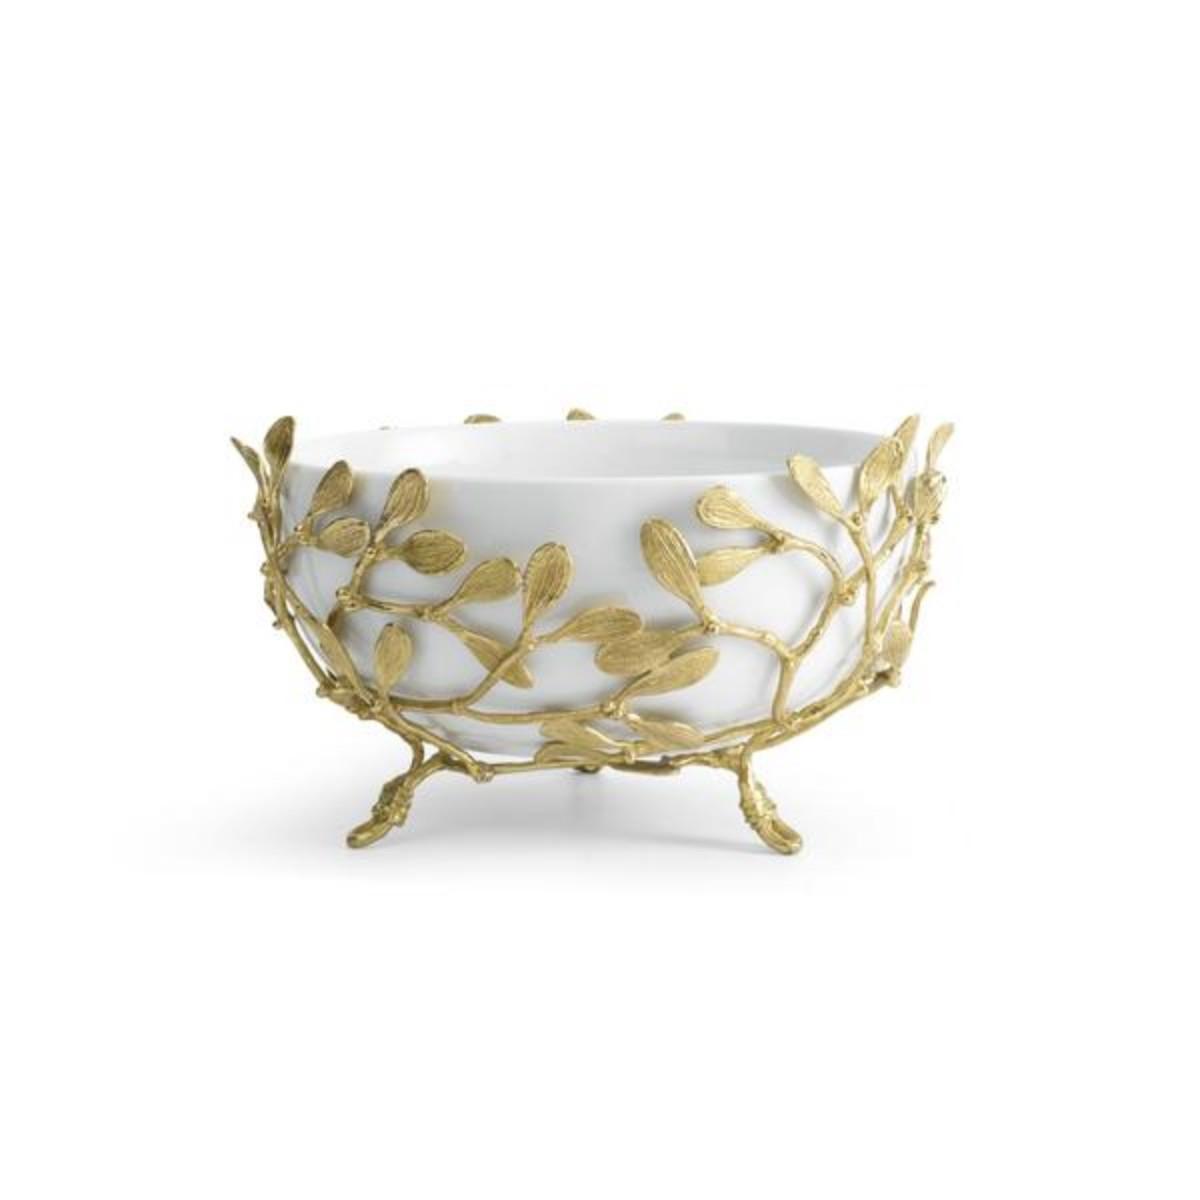 Michael Aram I Mistletoe Porcelain Serving Bowl